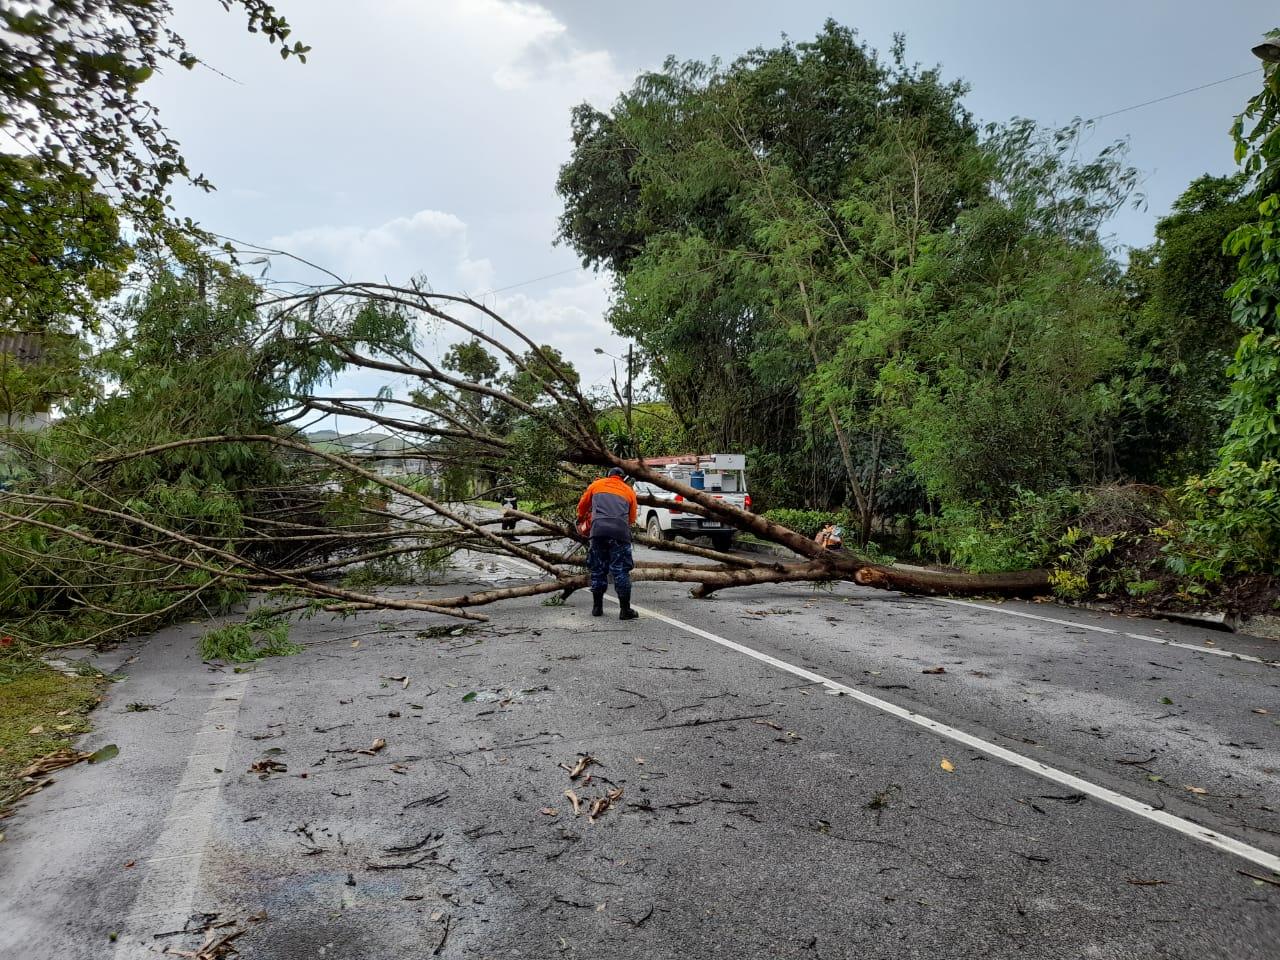 A árvore atravessada na estrada (Foto: Rota 116)